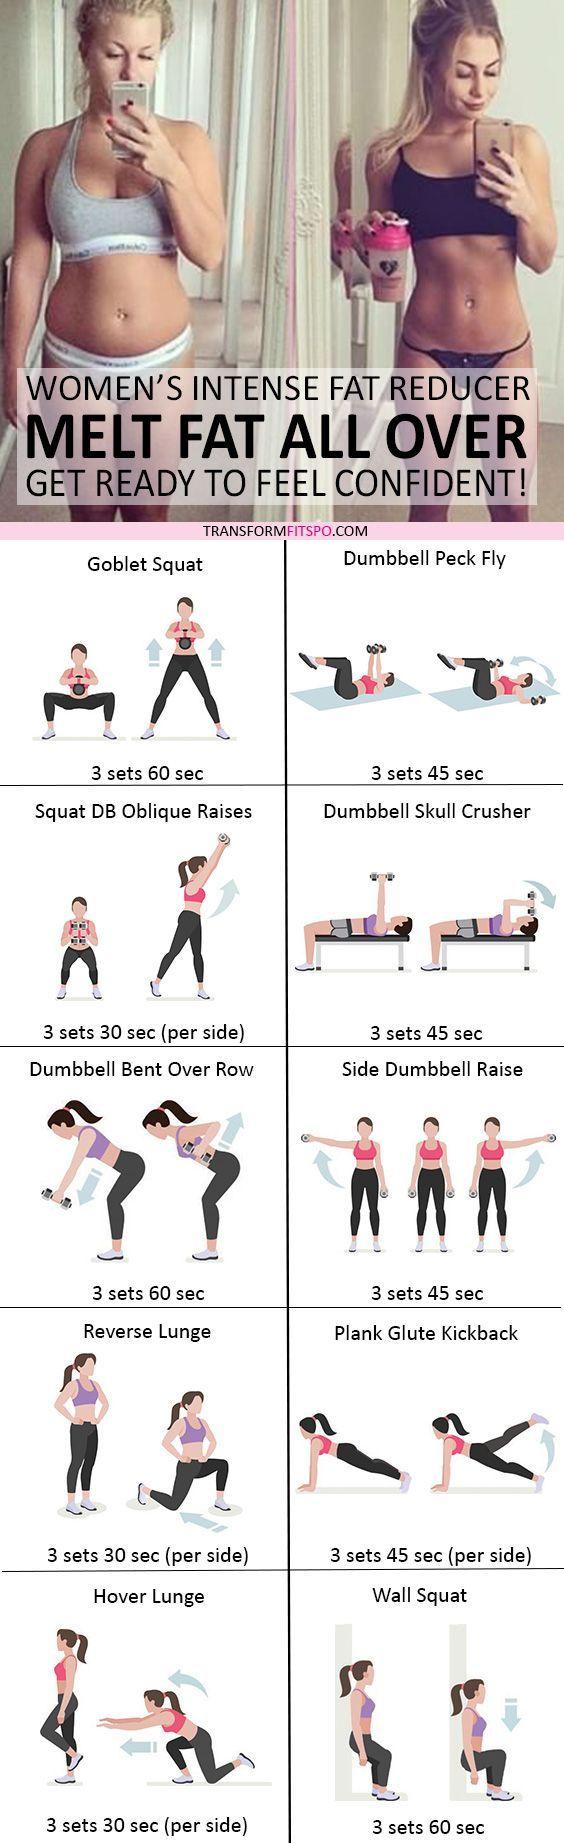 Photo of ? Compound Fat Reducer für Frauen! Alles über Fett schmelzen! Machen Sie sich bereit, sich sicher zu fühlen!